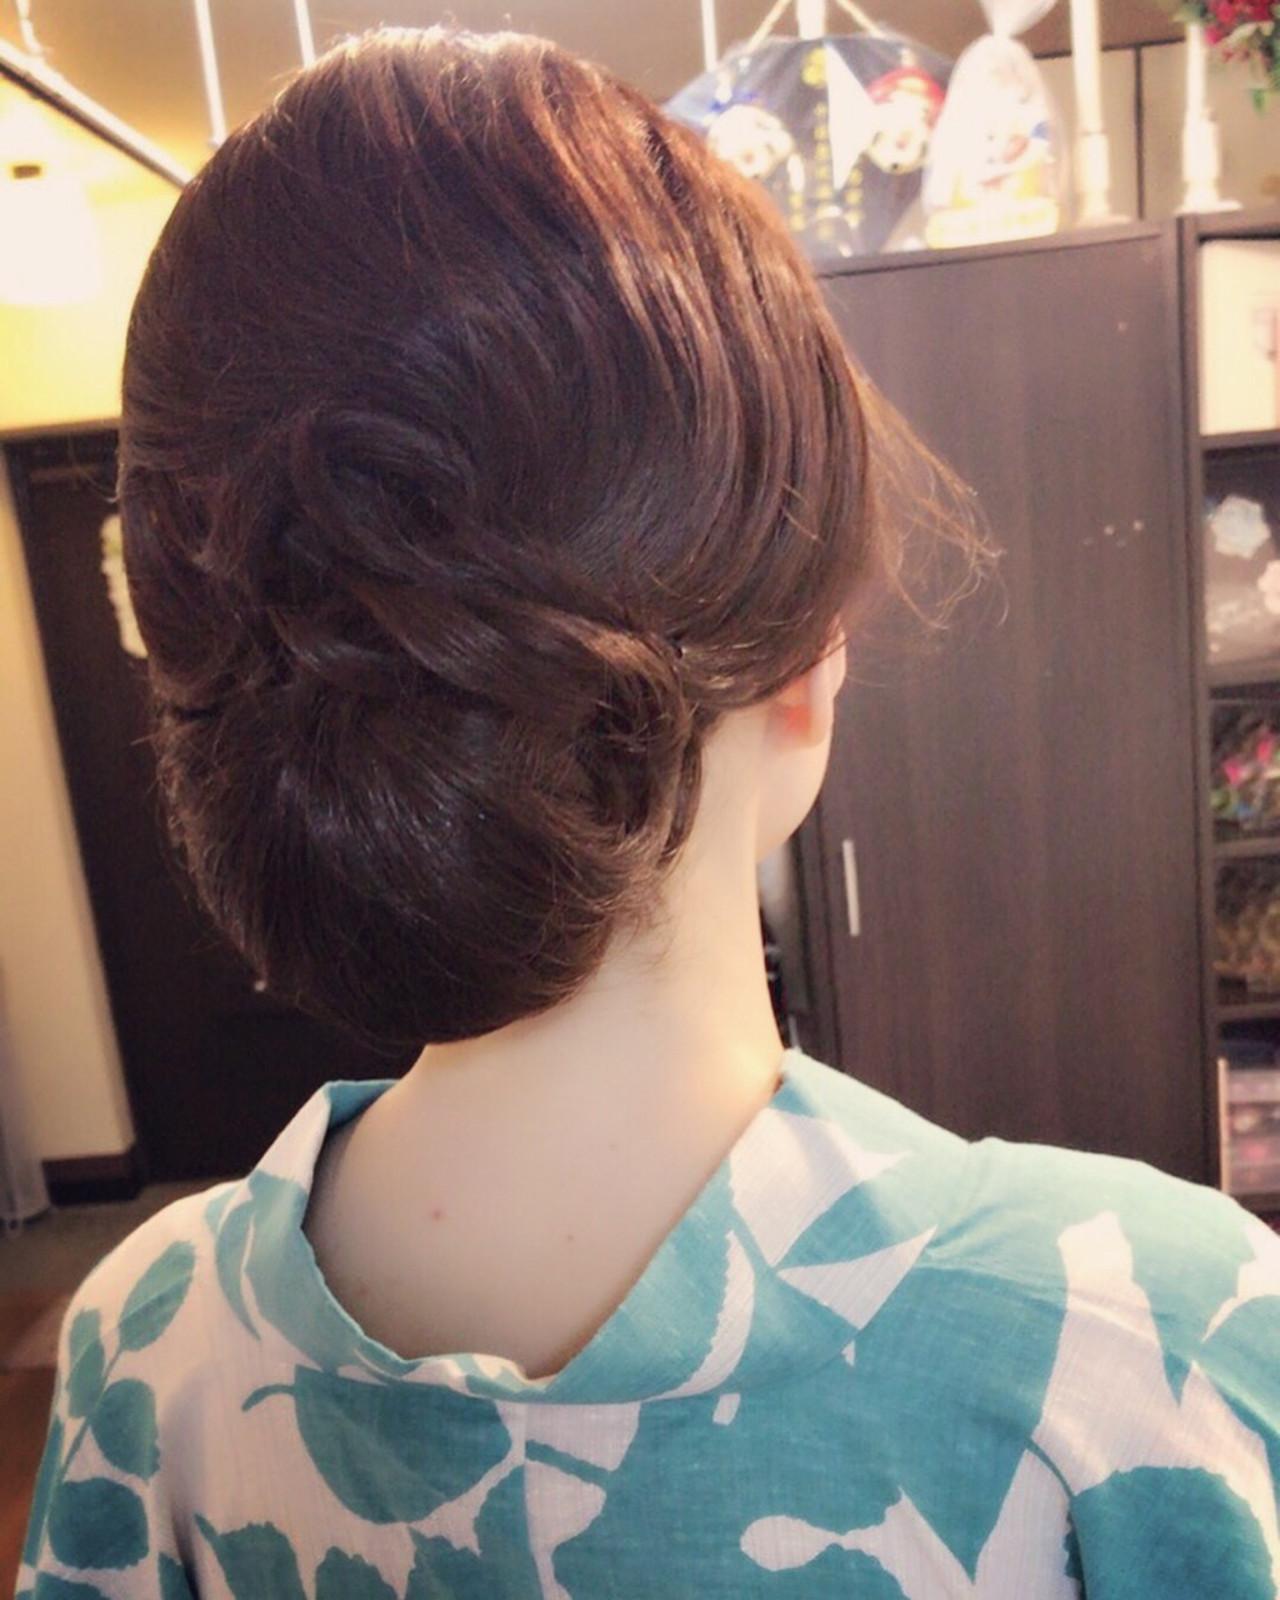 エレガント 夏 デート 上品 ヘアスタイルや髪型の写真・画像